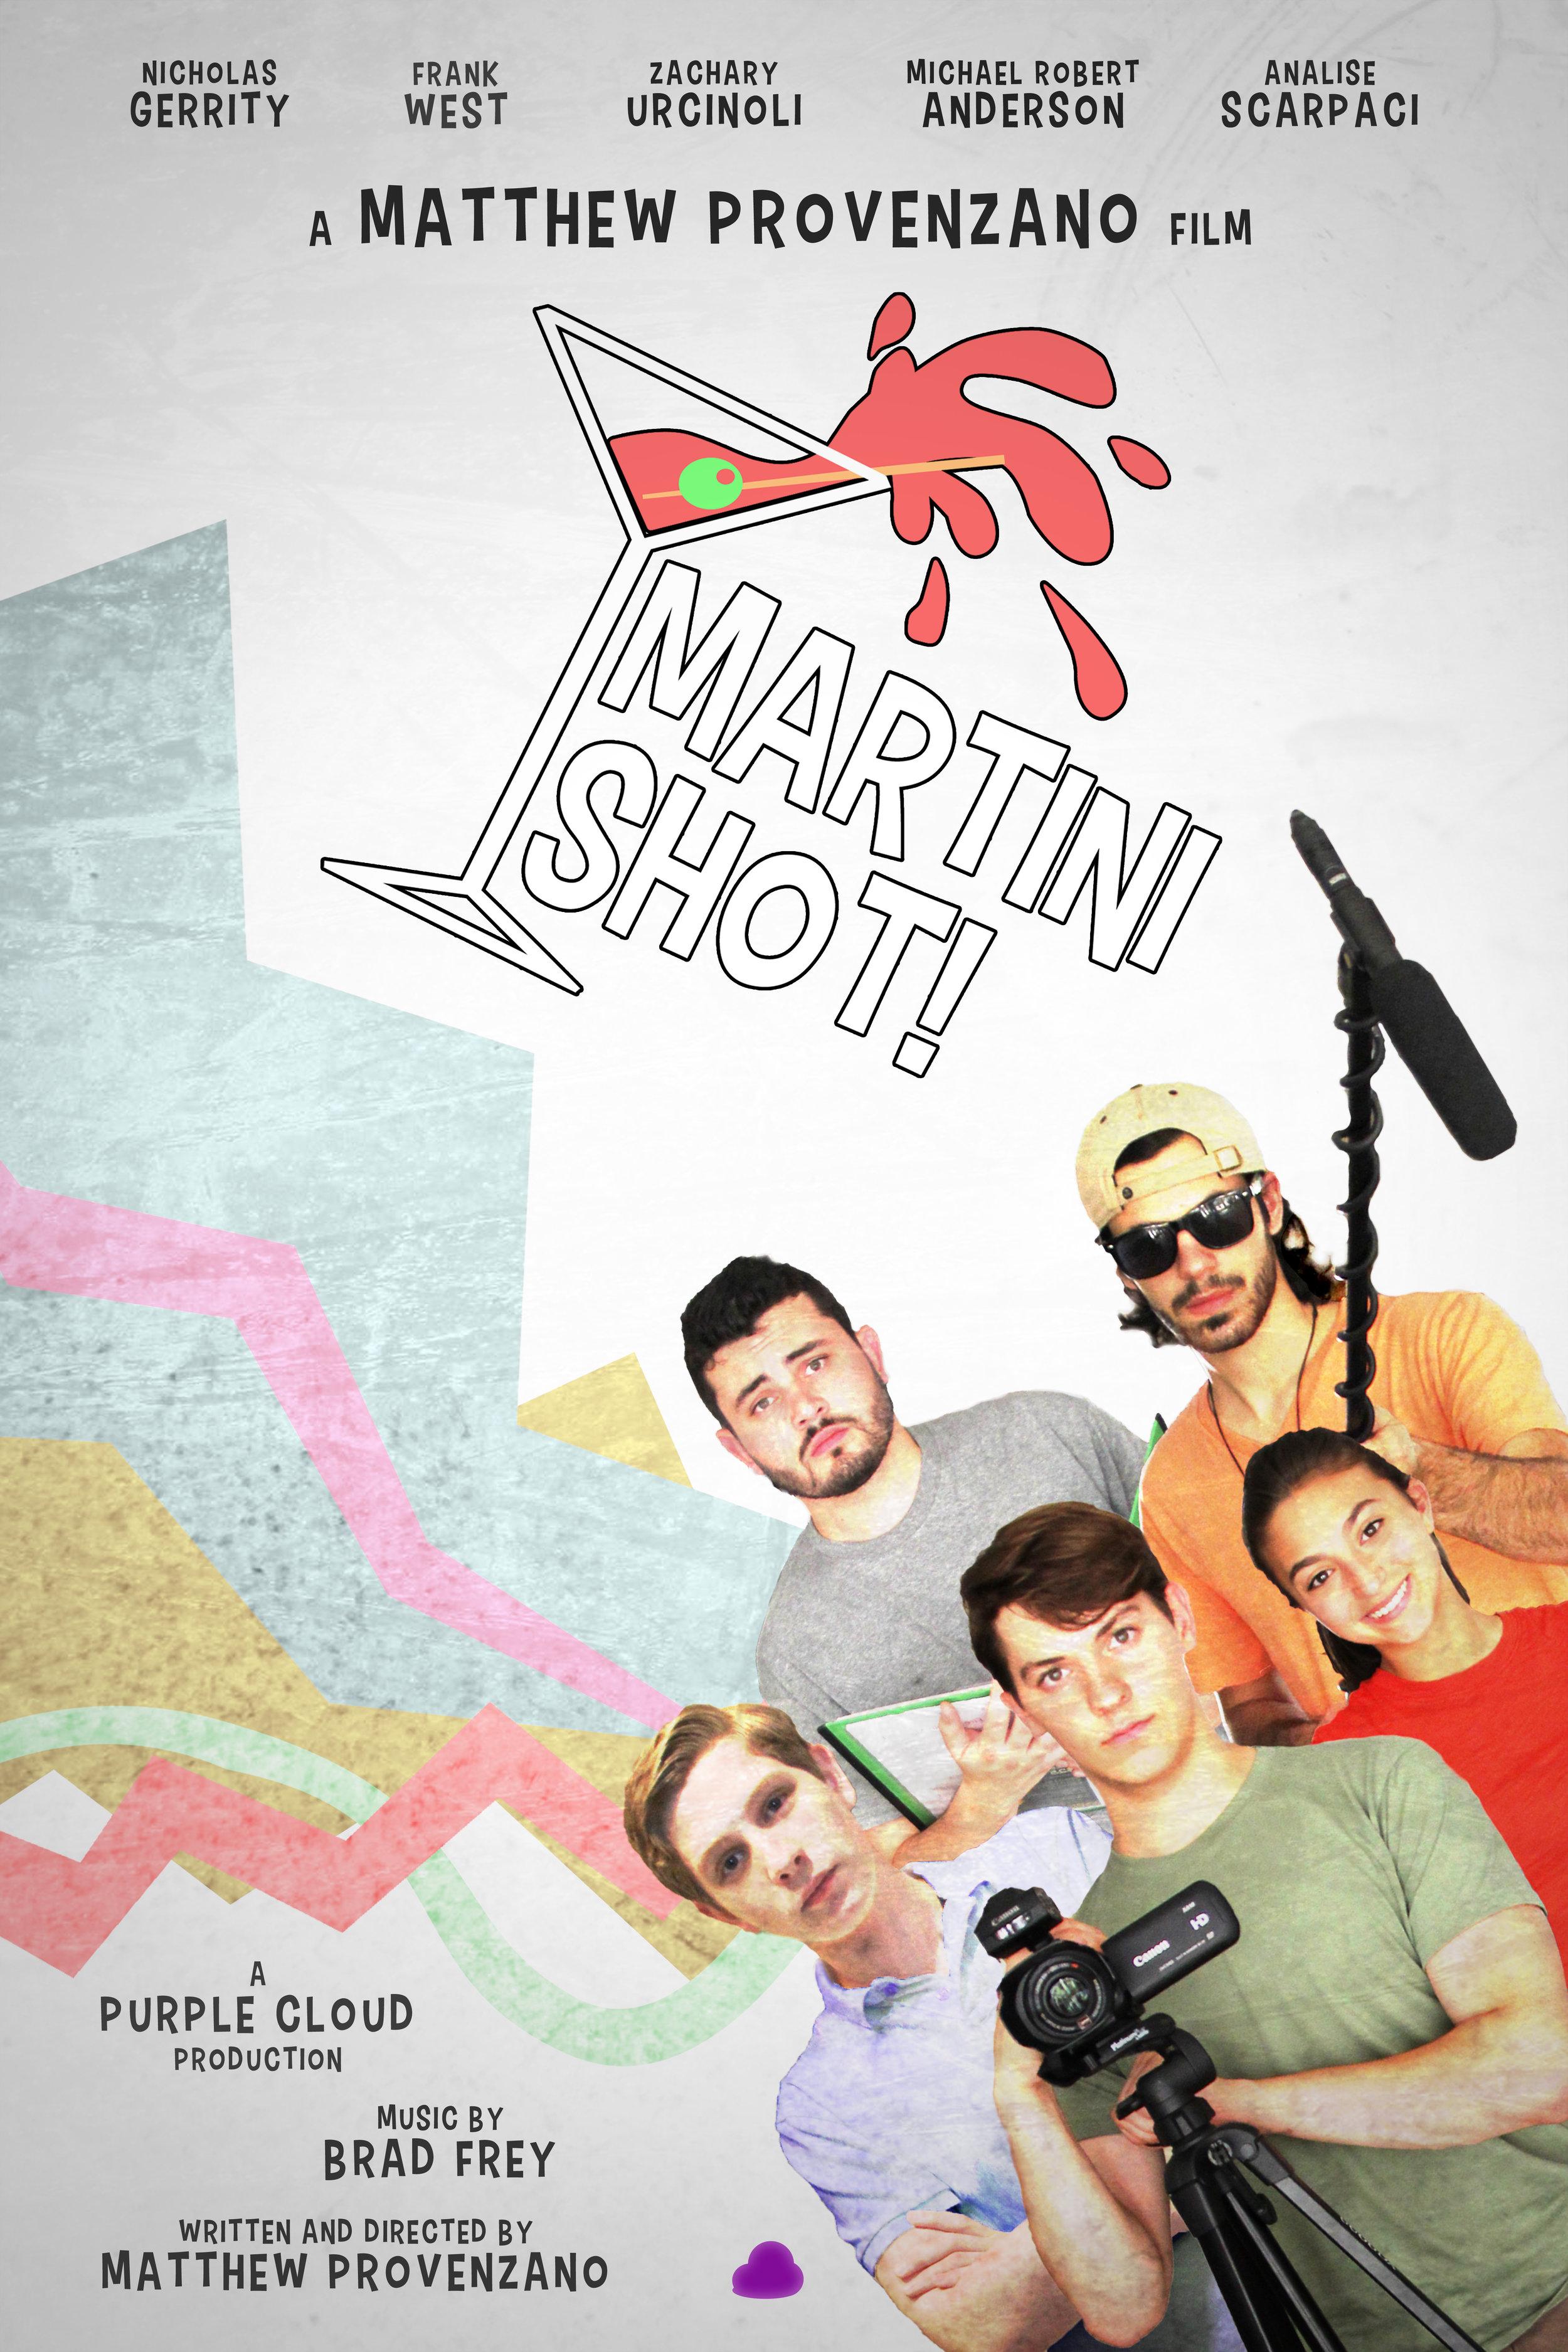 martinishotposter7.jpg